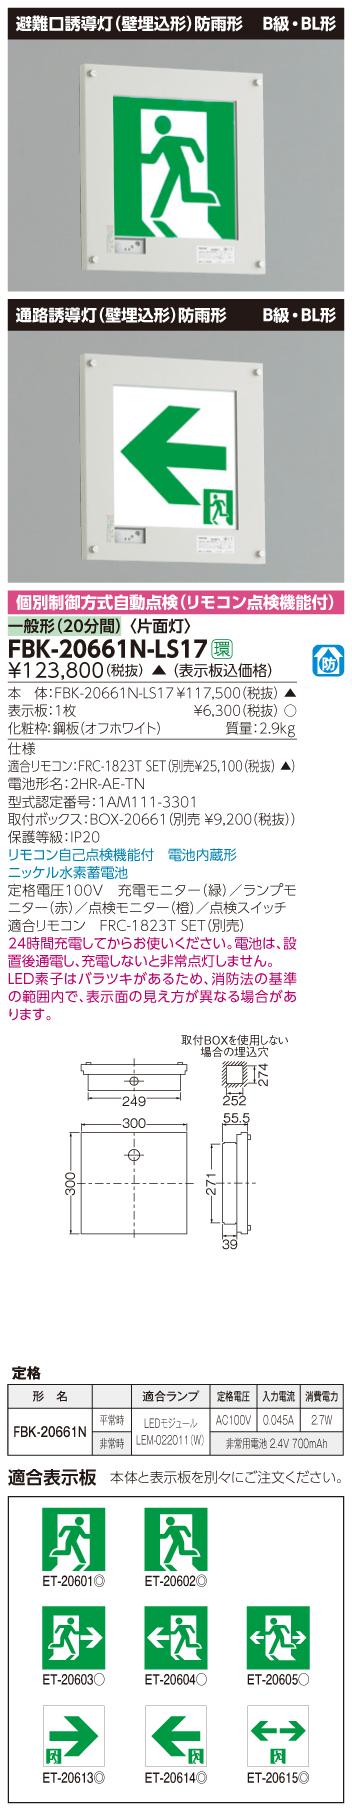 【法人様限定】東芝 FBK-20661N-LS17 LED誘導灯 壁埋込形 防雨形 電池内蔵 片面 B級BL形 一般形(20分) 【表示板別売】